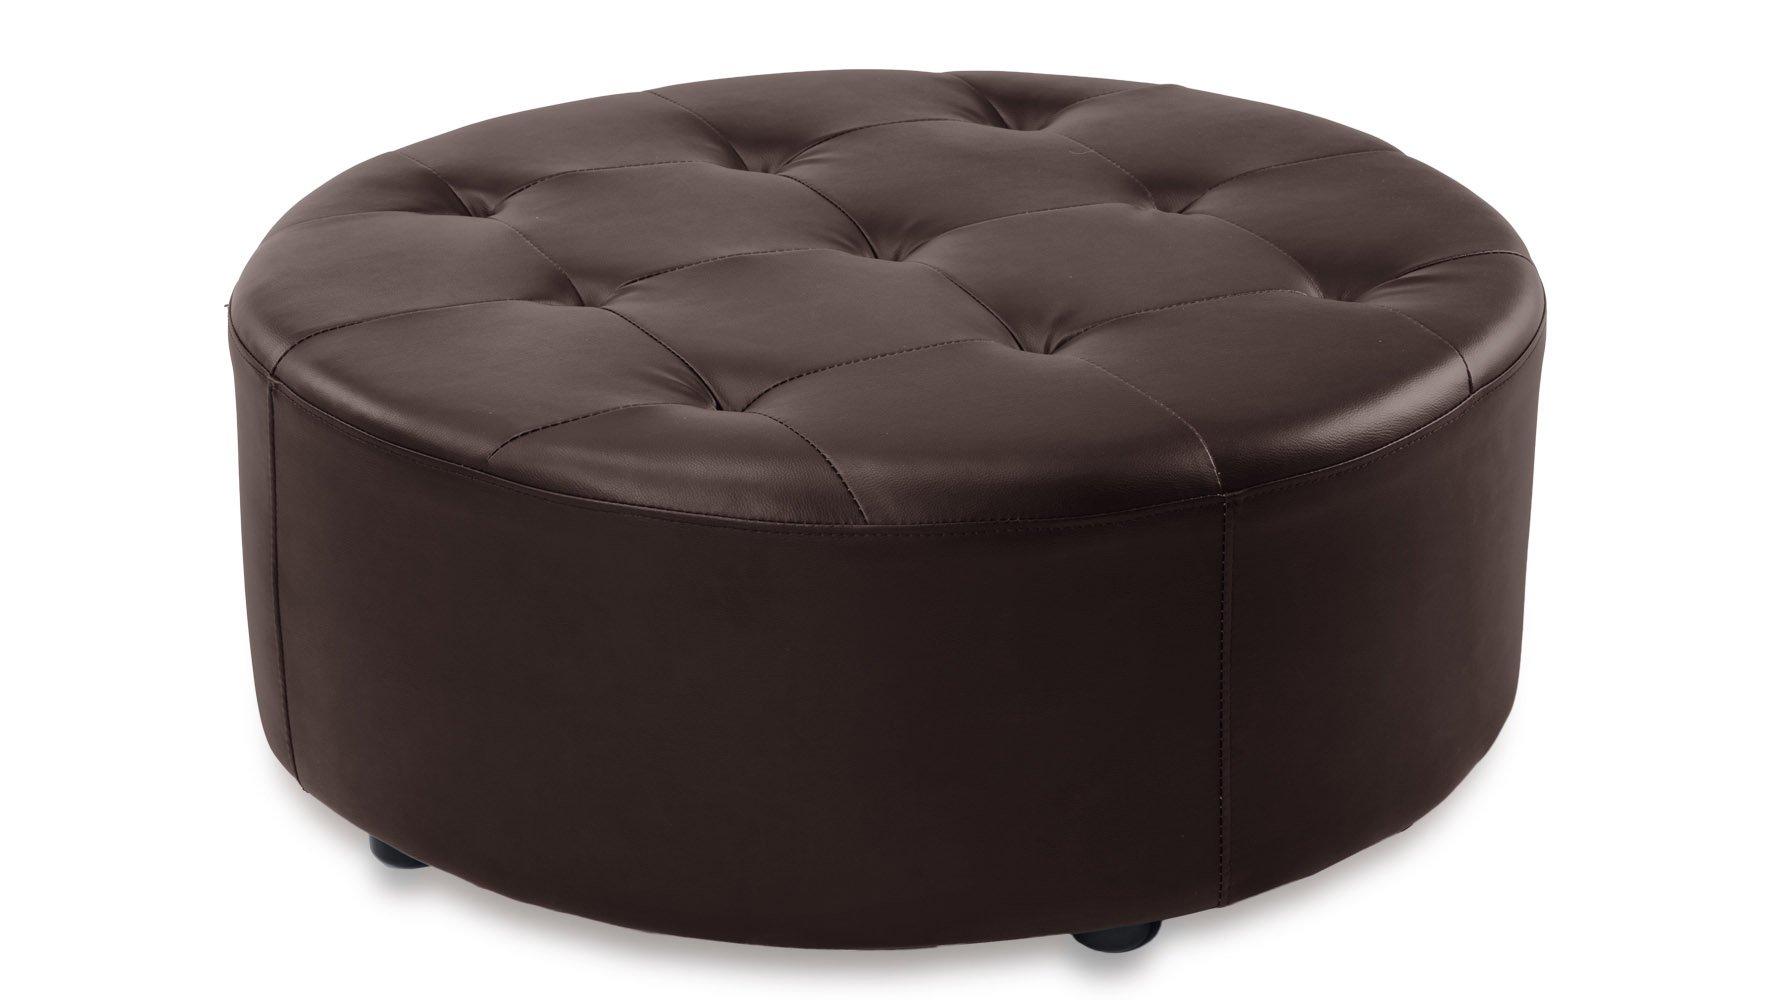 Lock Round Modern Tufted Ottoman - Brown